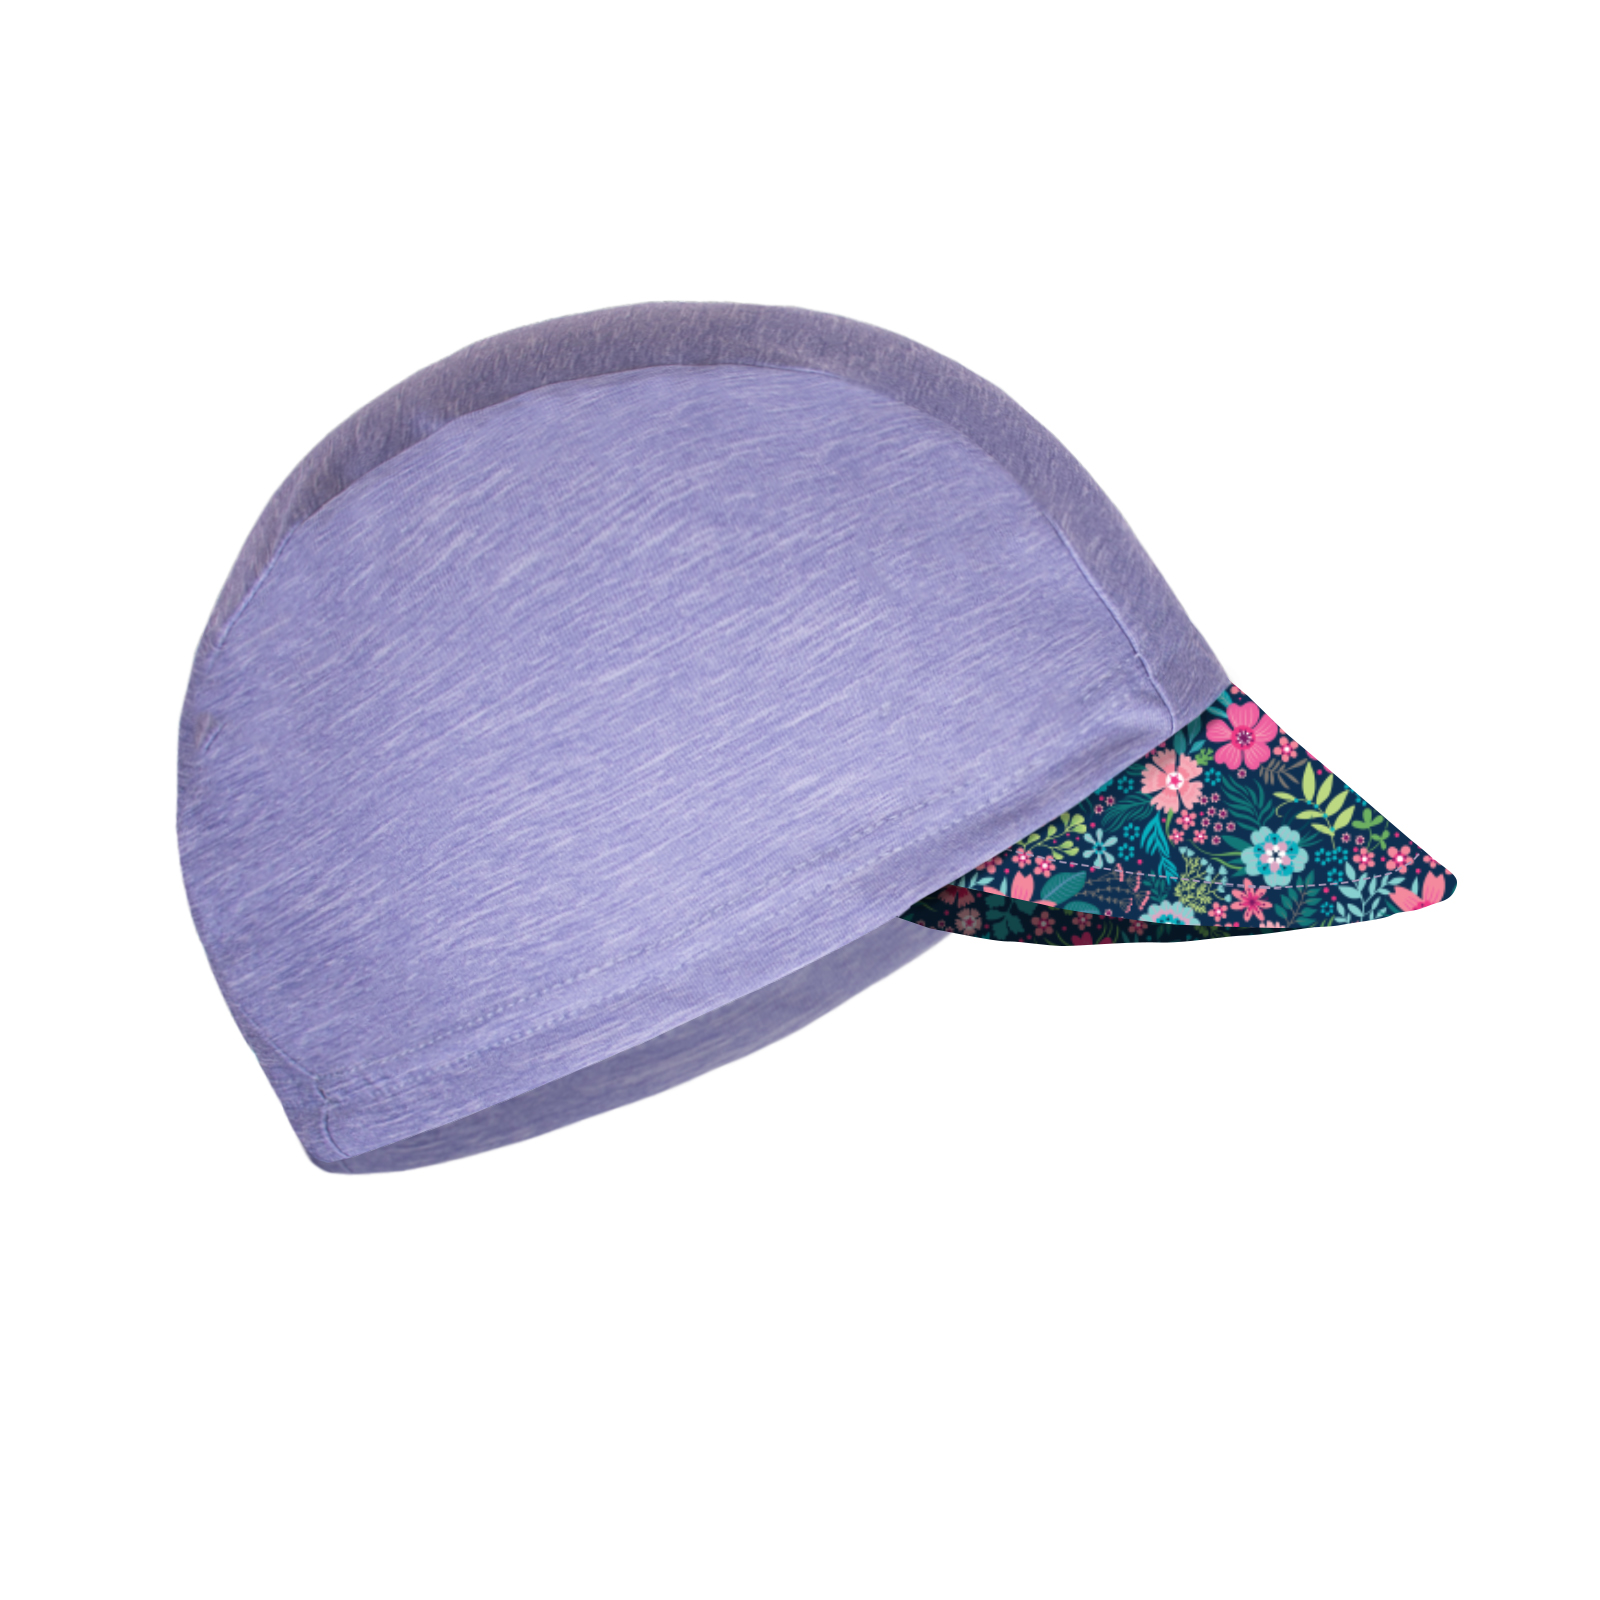 Unuo, Dětská funkční čepice s kšiltem UV 50+, Žíhaná Holubičí Šedá, Květinky Velikost: M (49 - 52 cm)